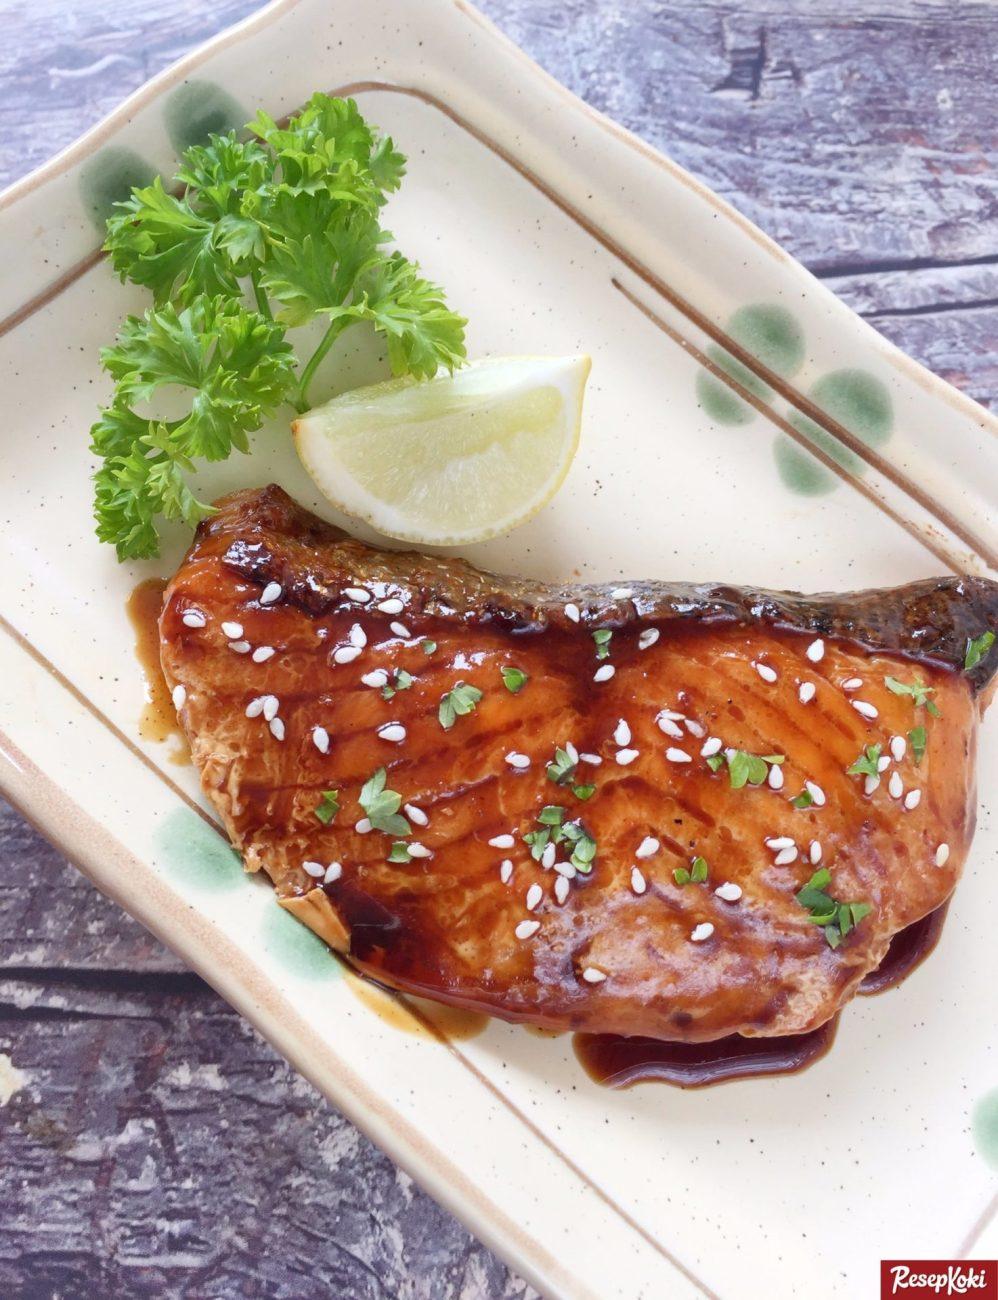 Salmon teriyaki jepang